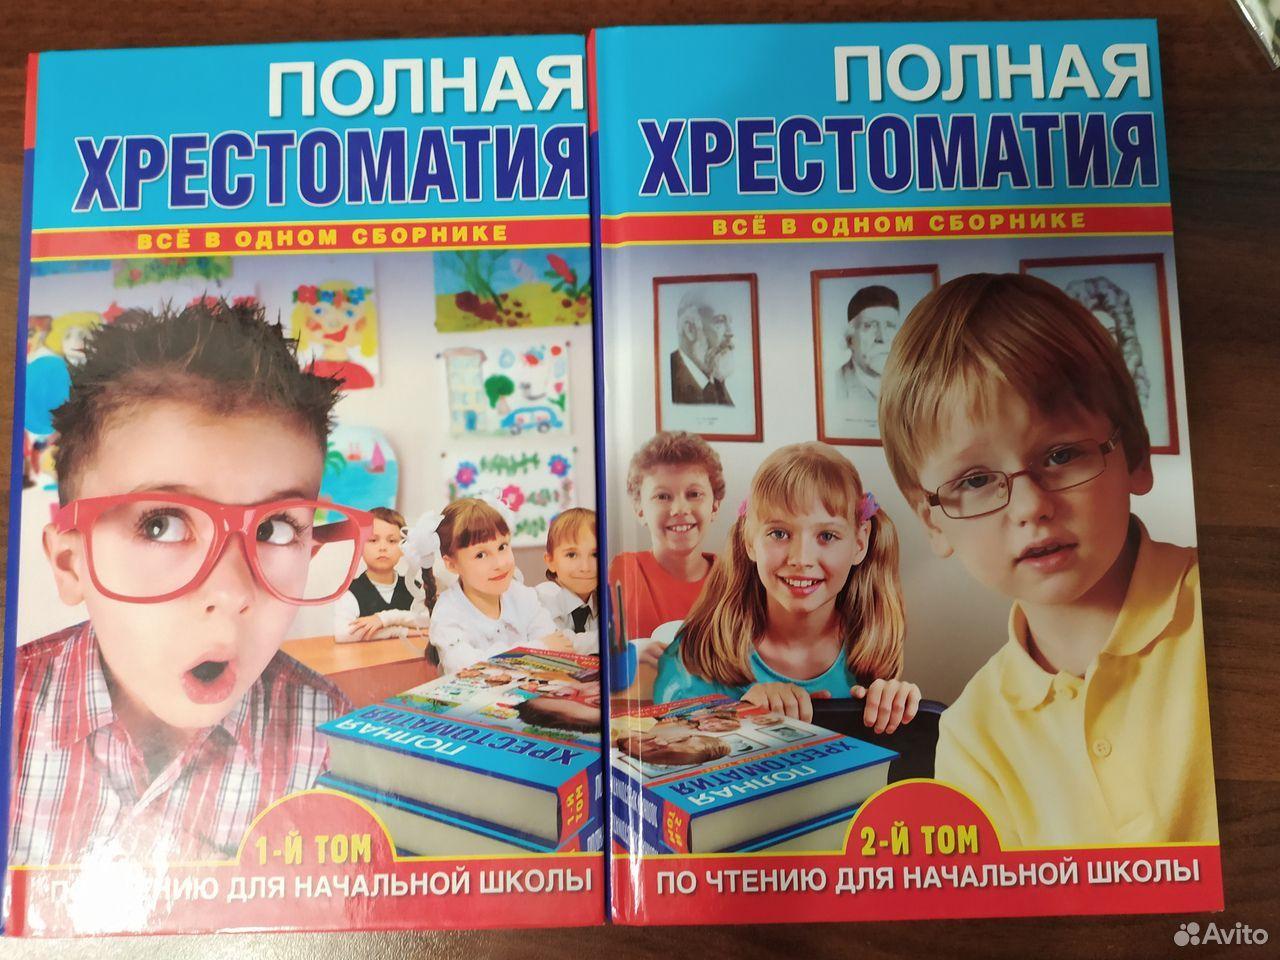 Хрестоматии для начальной школы